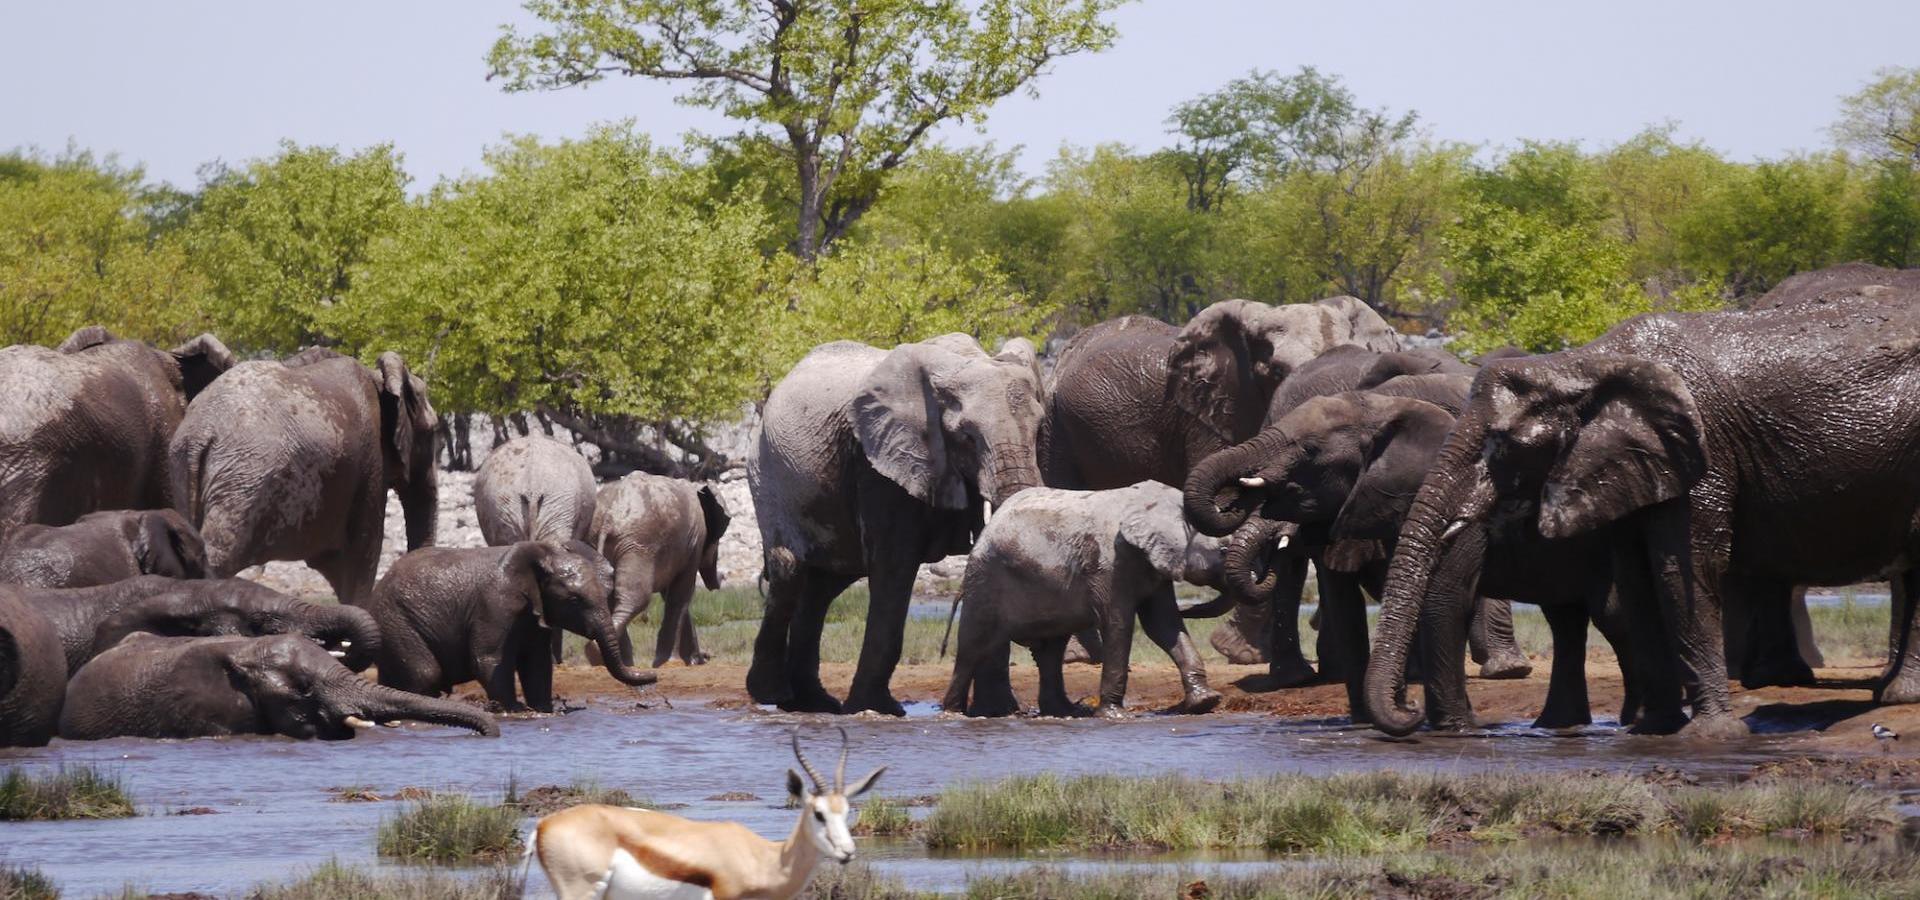 22-tägige Kleingruppen-Lodge-Safari von Windhoek nach Victoria Falls durch Namibia, Simbabwe und Botswana